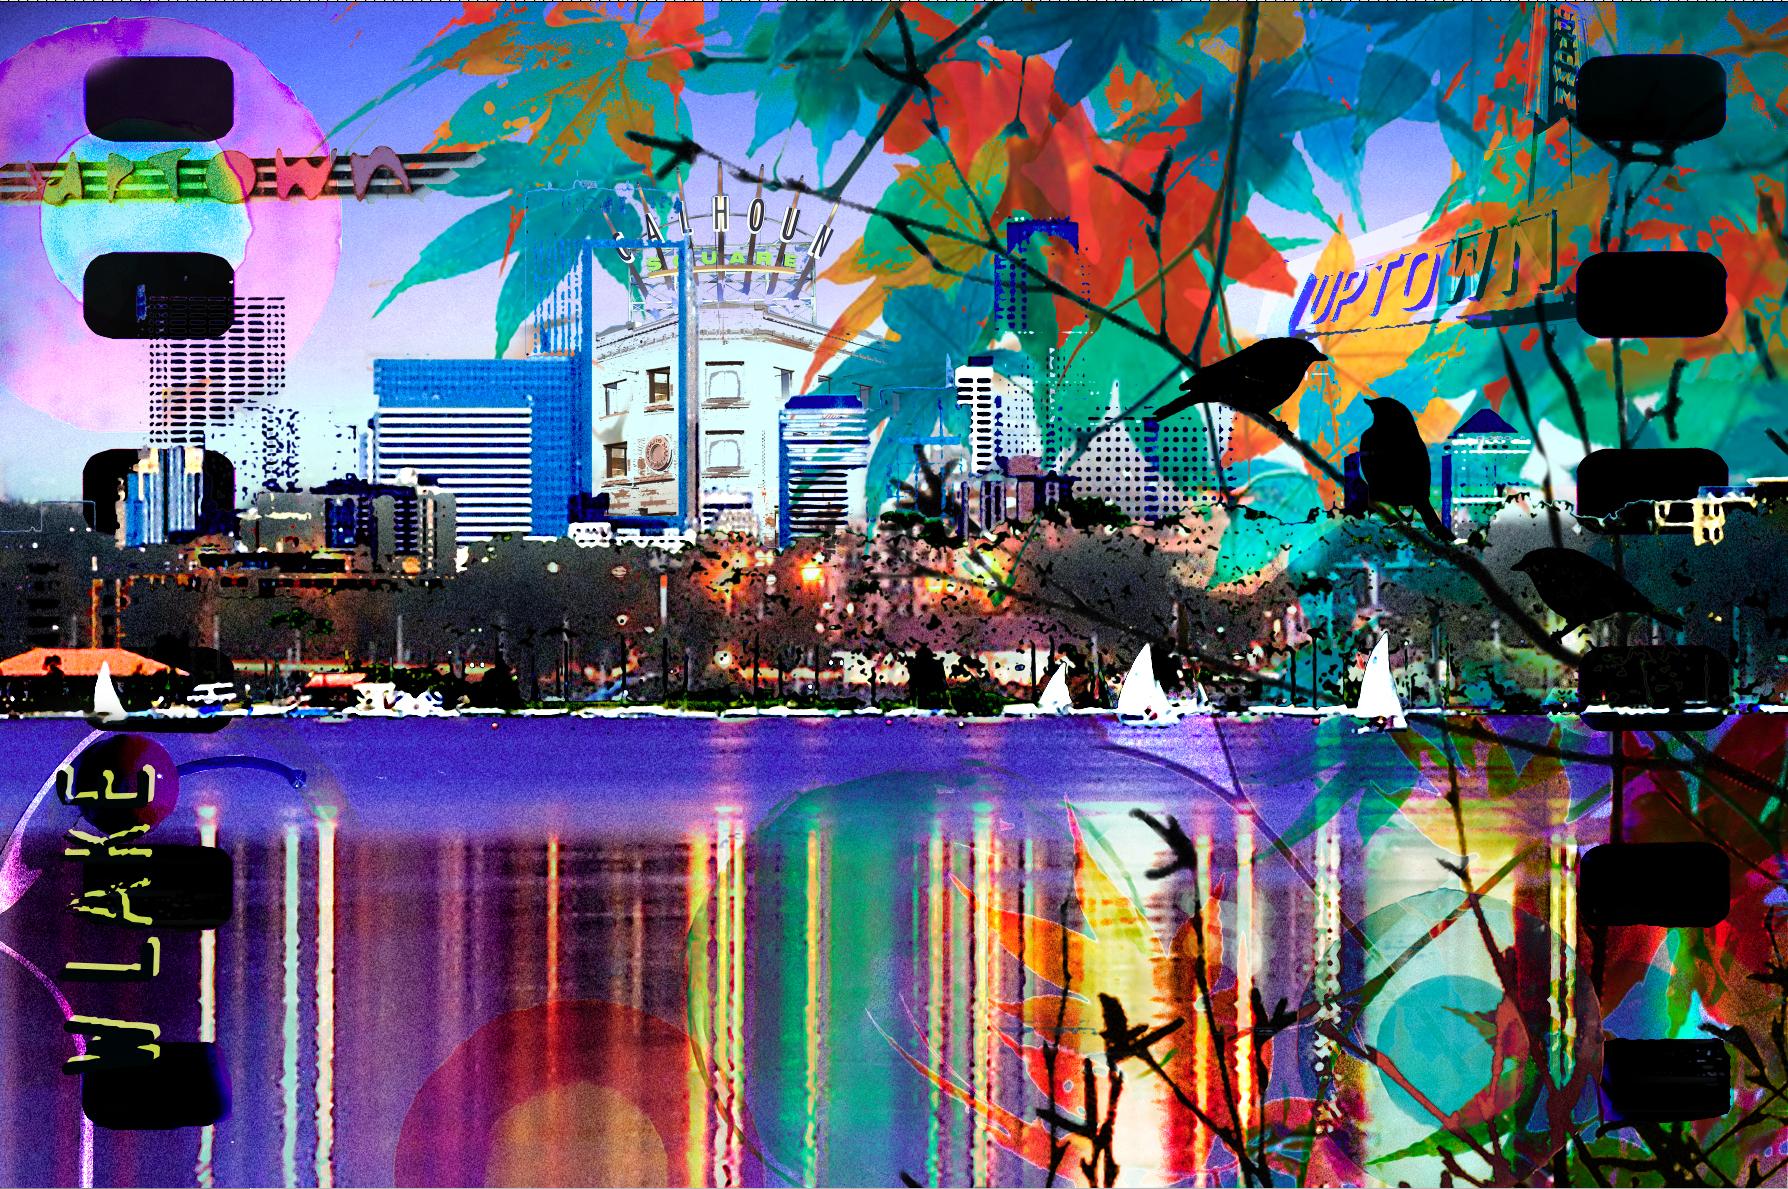 2012 Uptown Art Fair